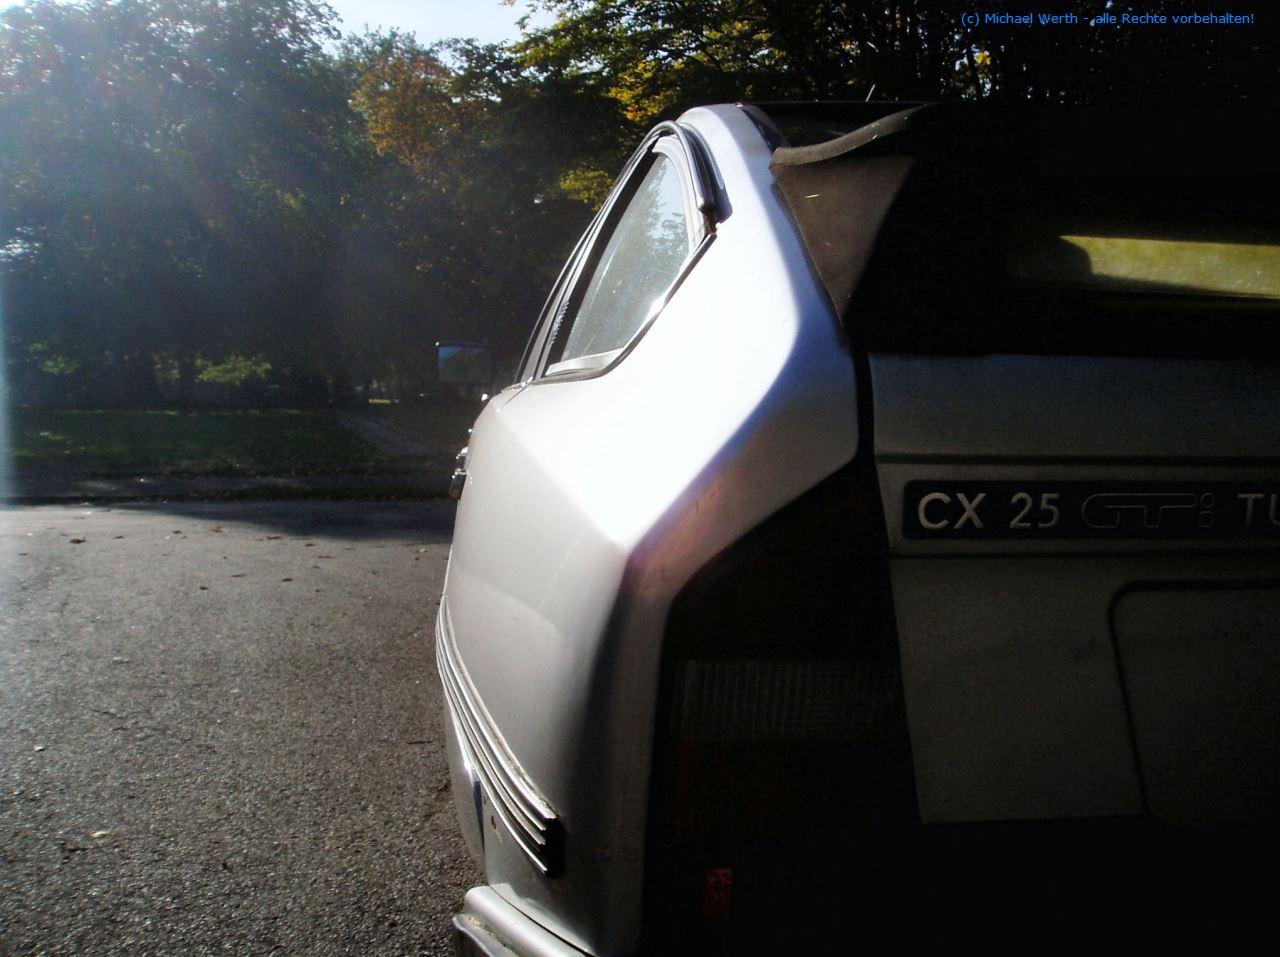 bildlicher Vergleich 1991er Citroën BX GTi & 1984er Citroën CX 25 GTi Turbo #03